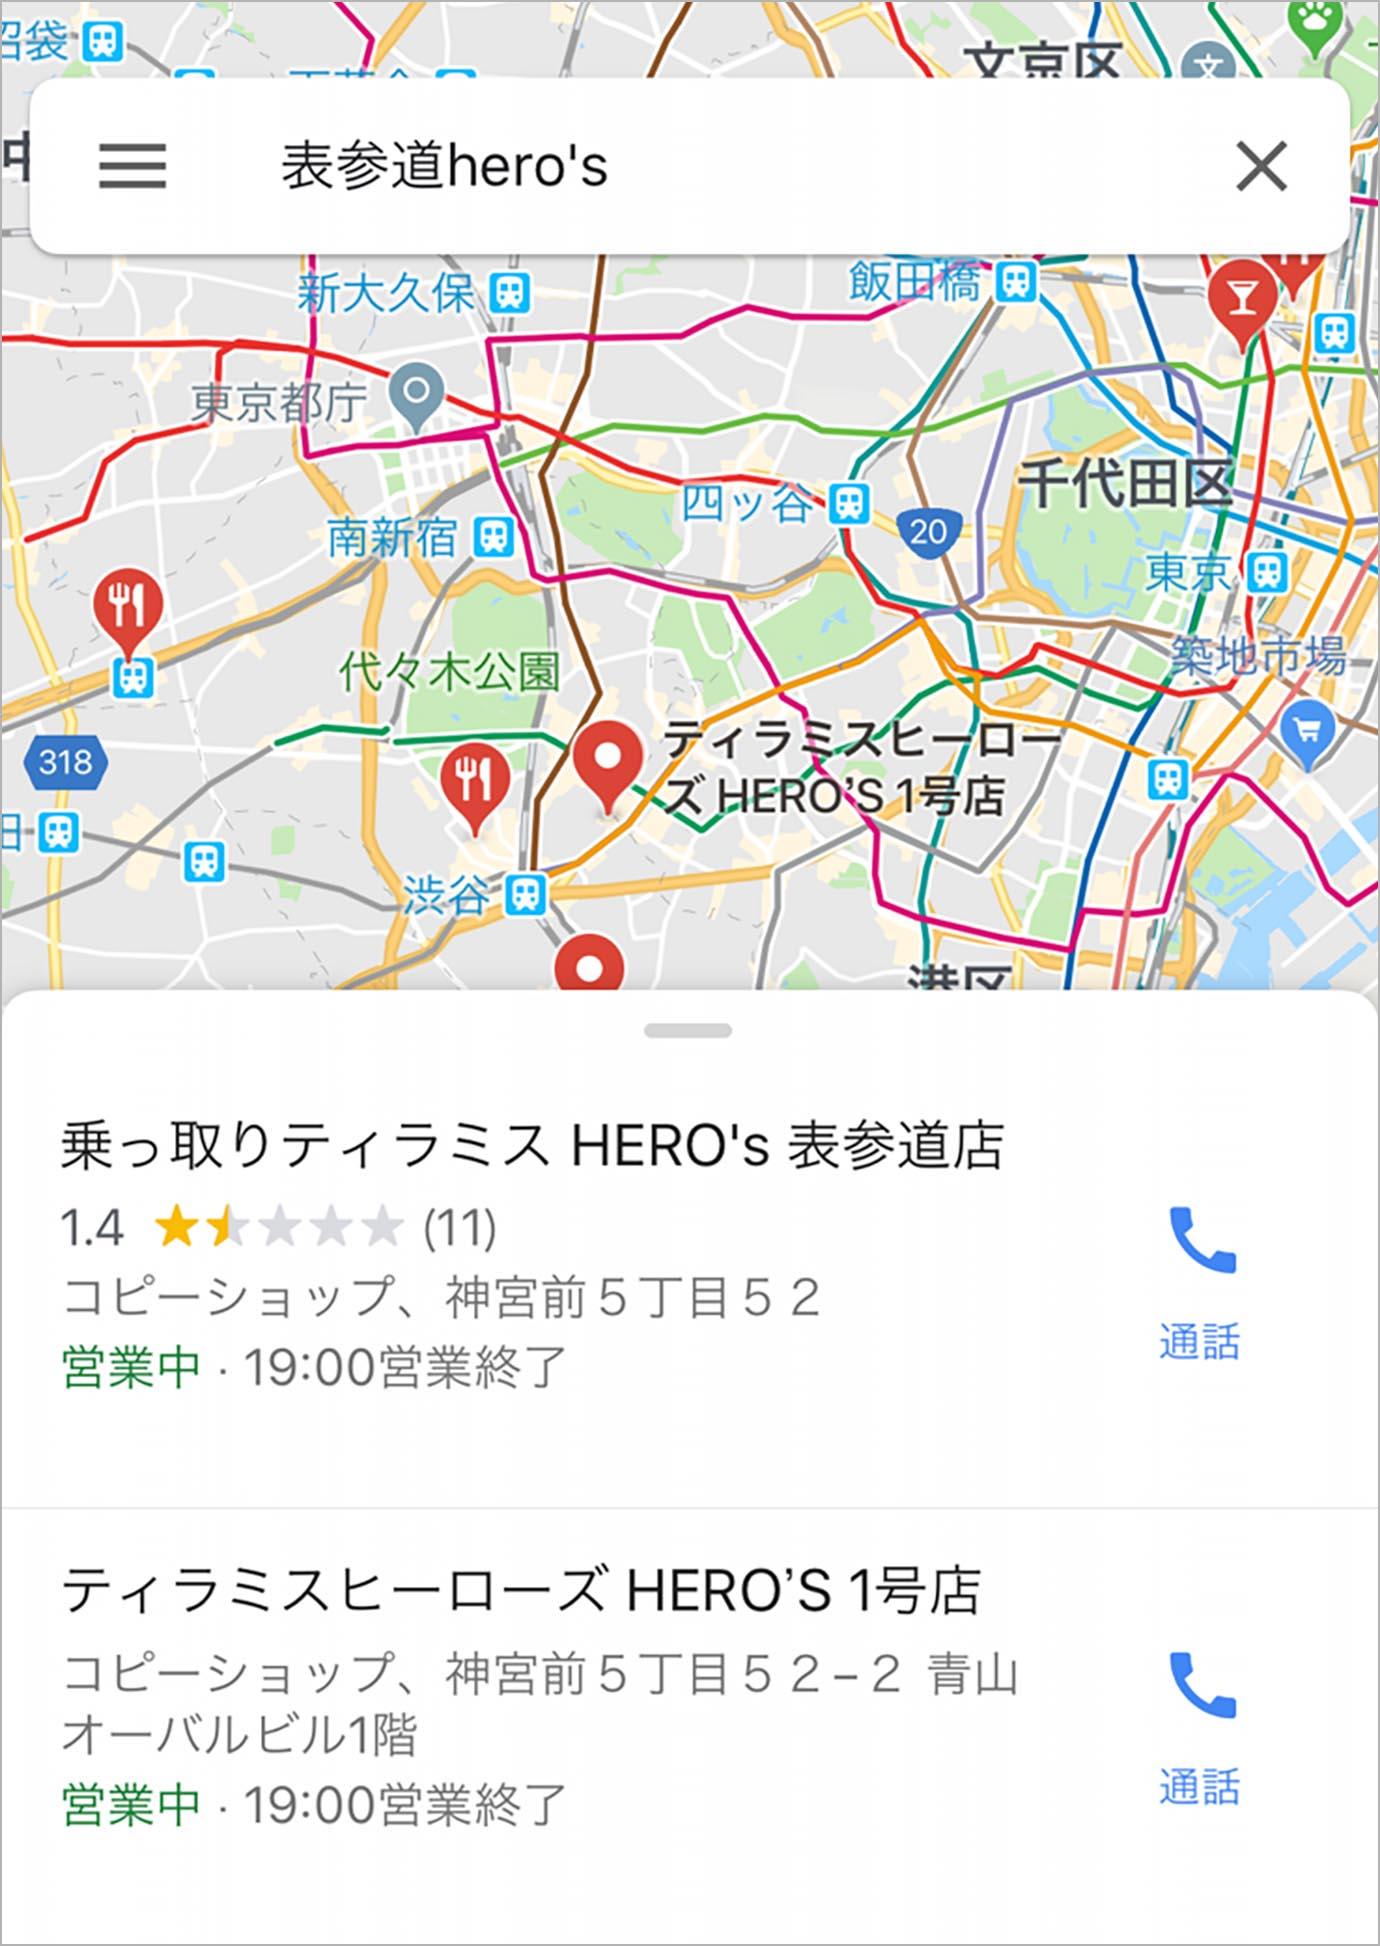 gram-heros-nottori2